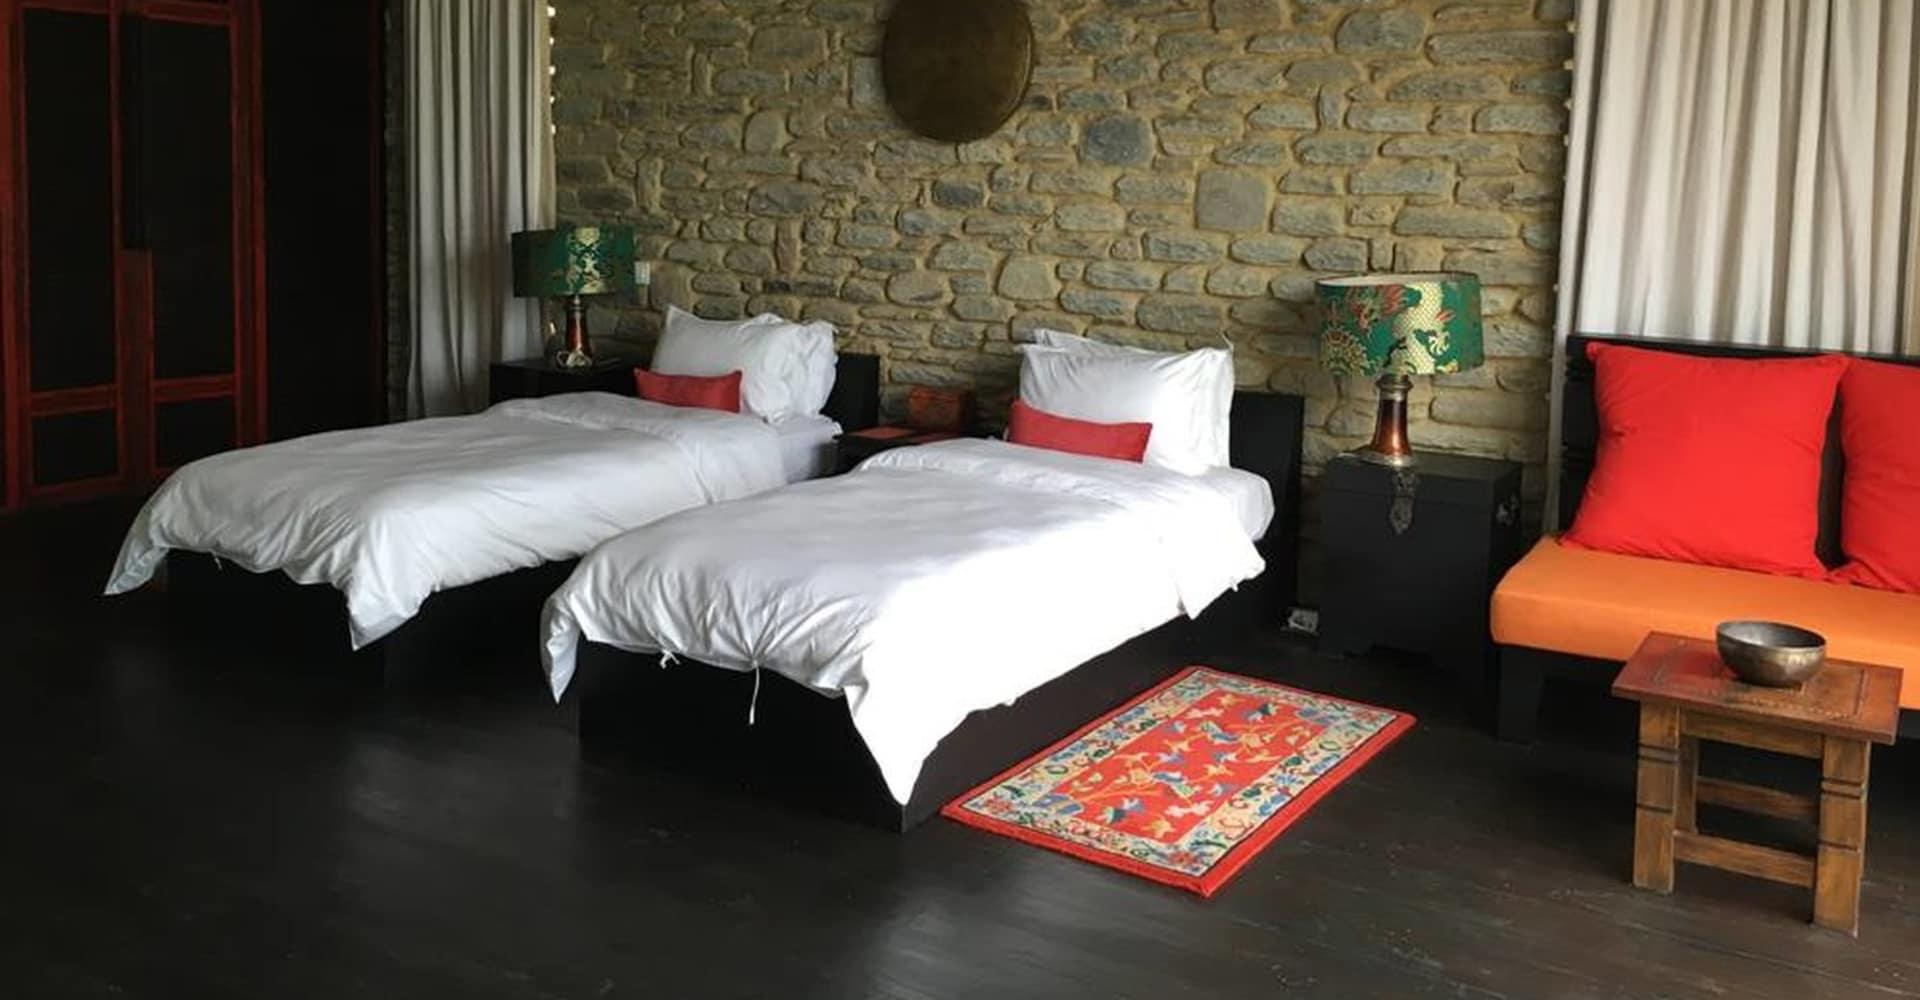 Pavilions Classic - The Pavilions Himalayas